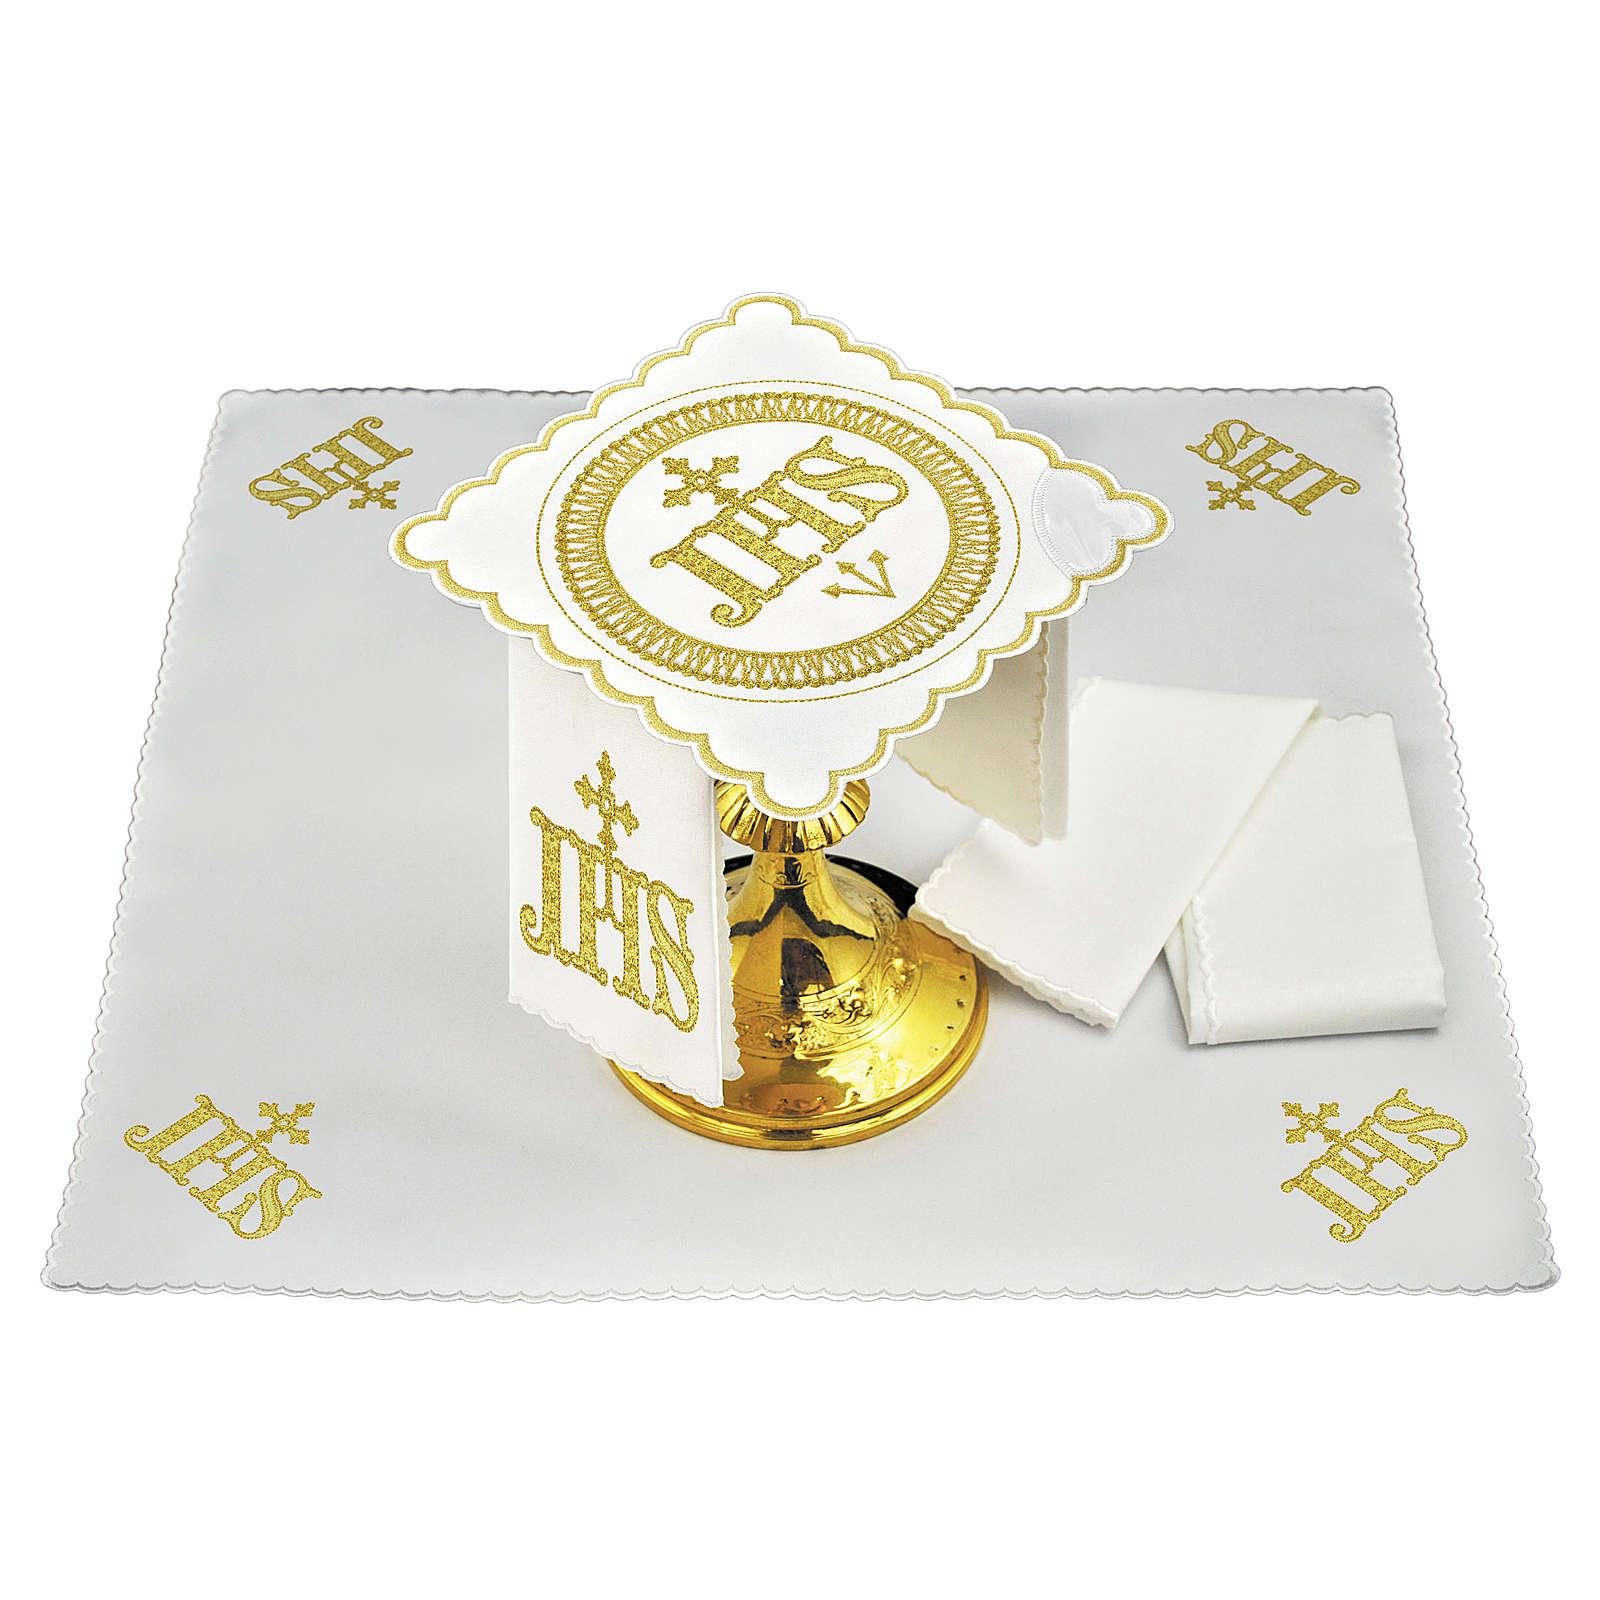 Servicio de altar hilo símbolo JHS posición central 4